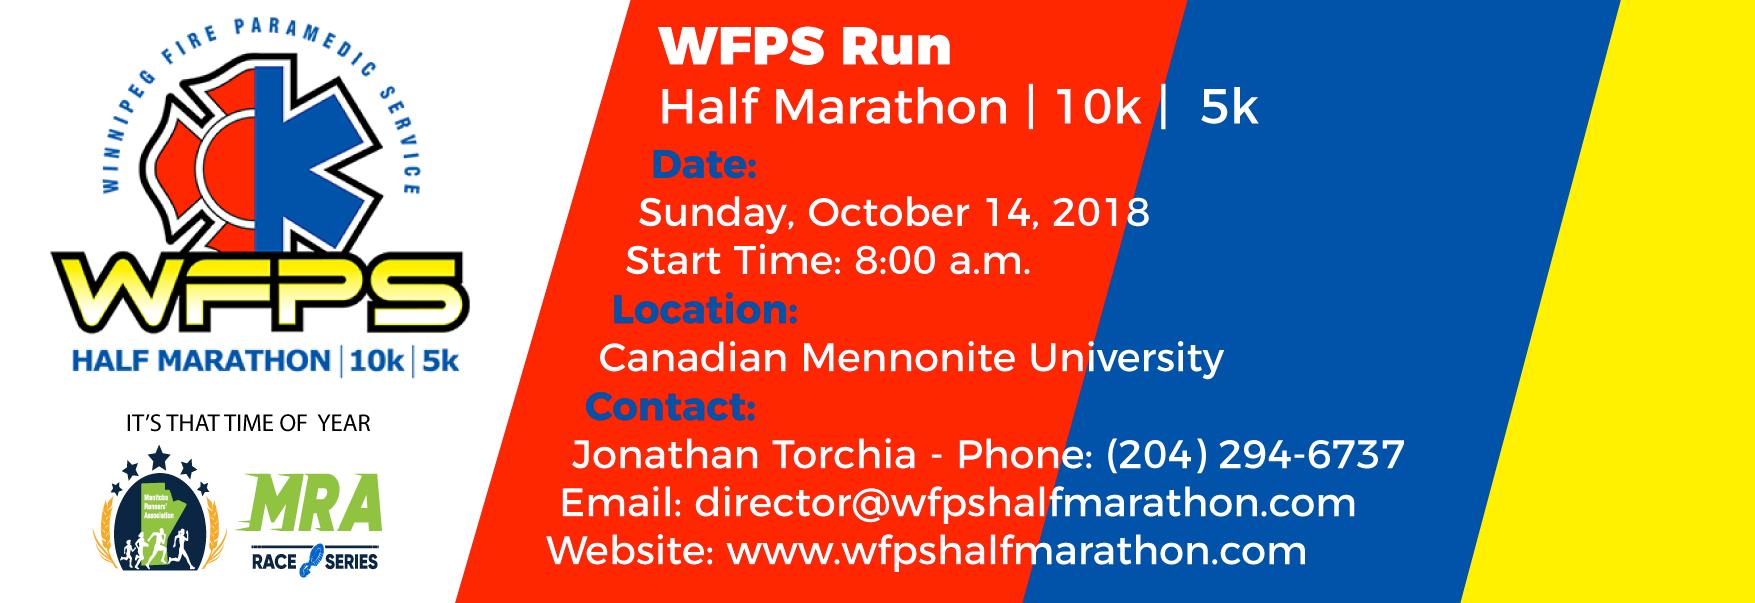 http://wfpshalfmarathon.com/